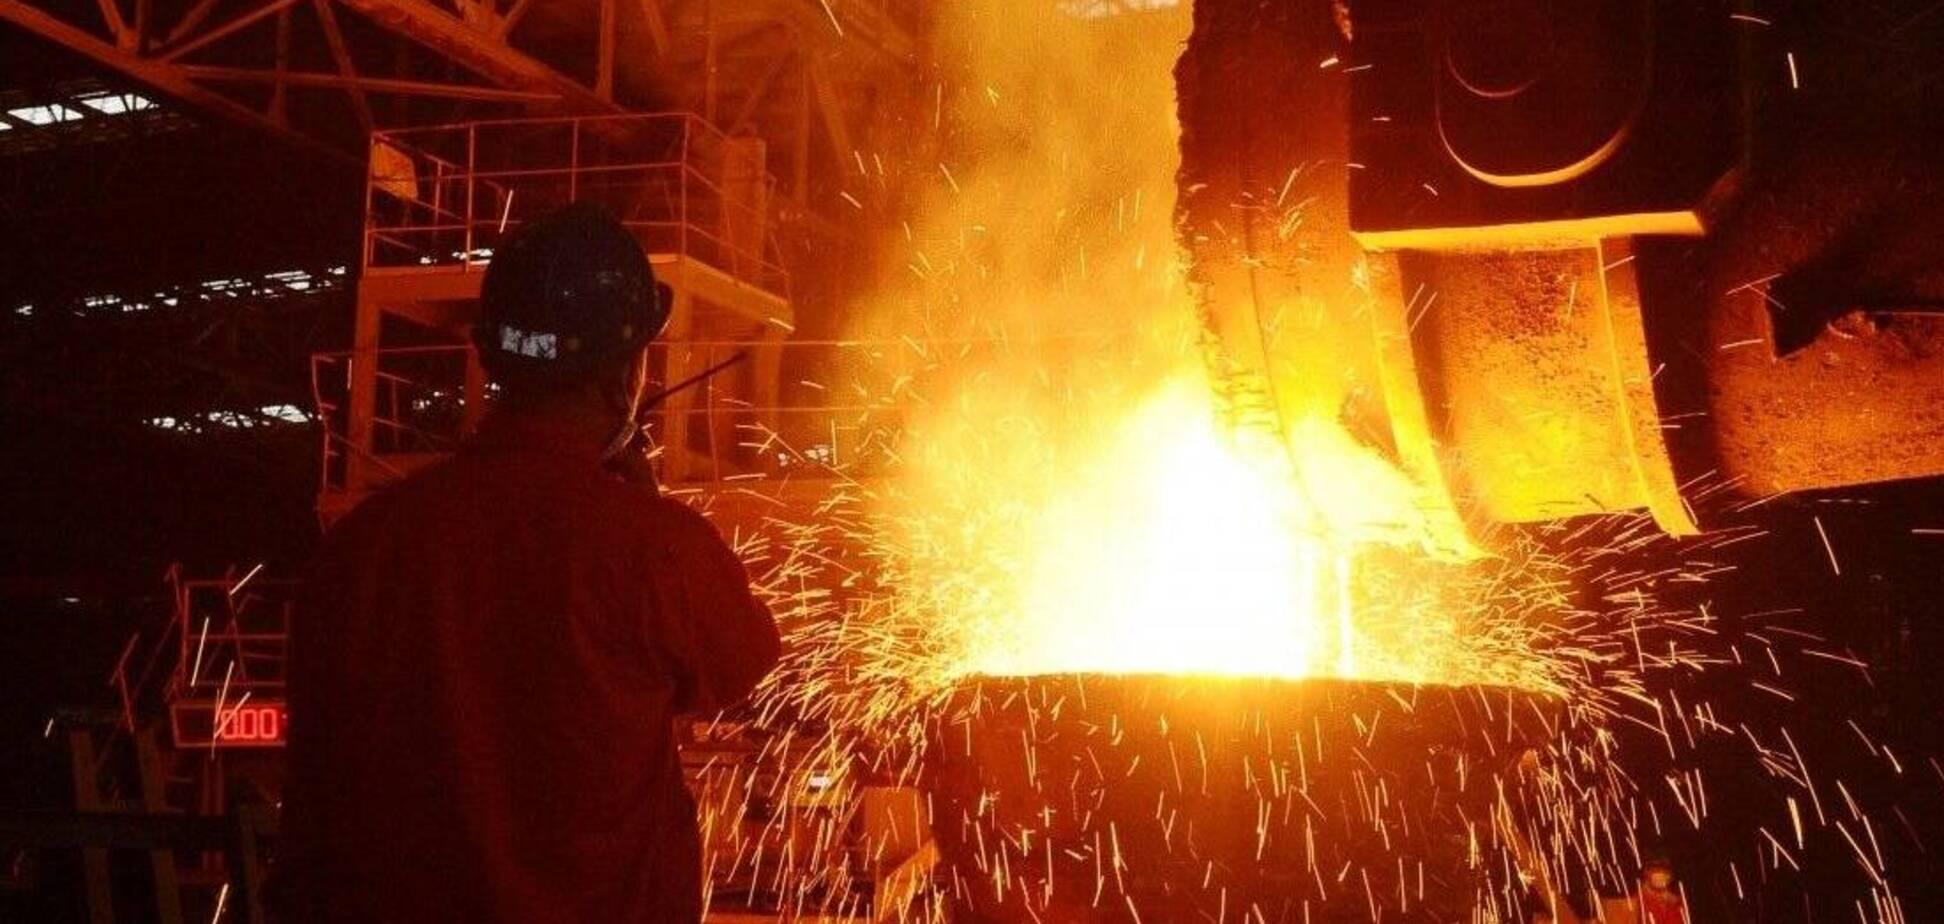 Україні потрібно зберегти експортне мито на брухт, якщо не хочемо дарувати сировину конкурентам, – нардеп